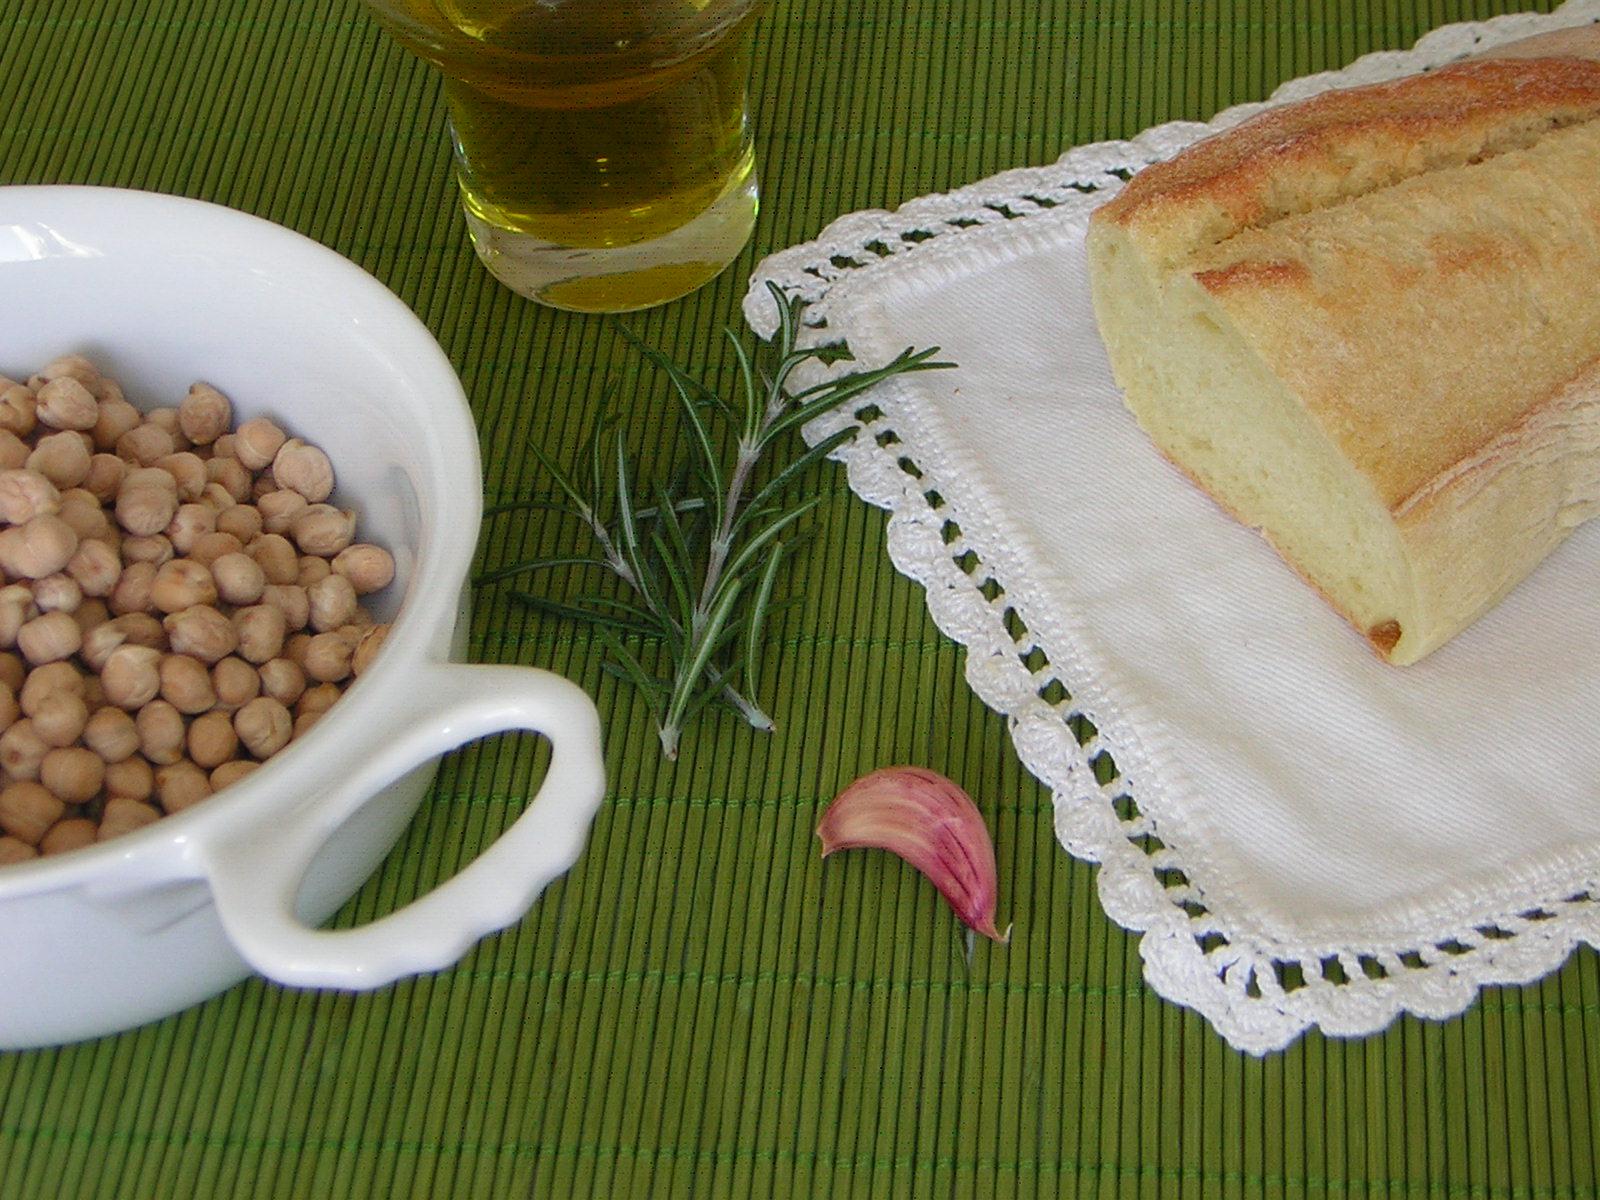 ingredienti per la crema di ceci al rosmarino